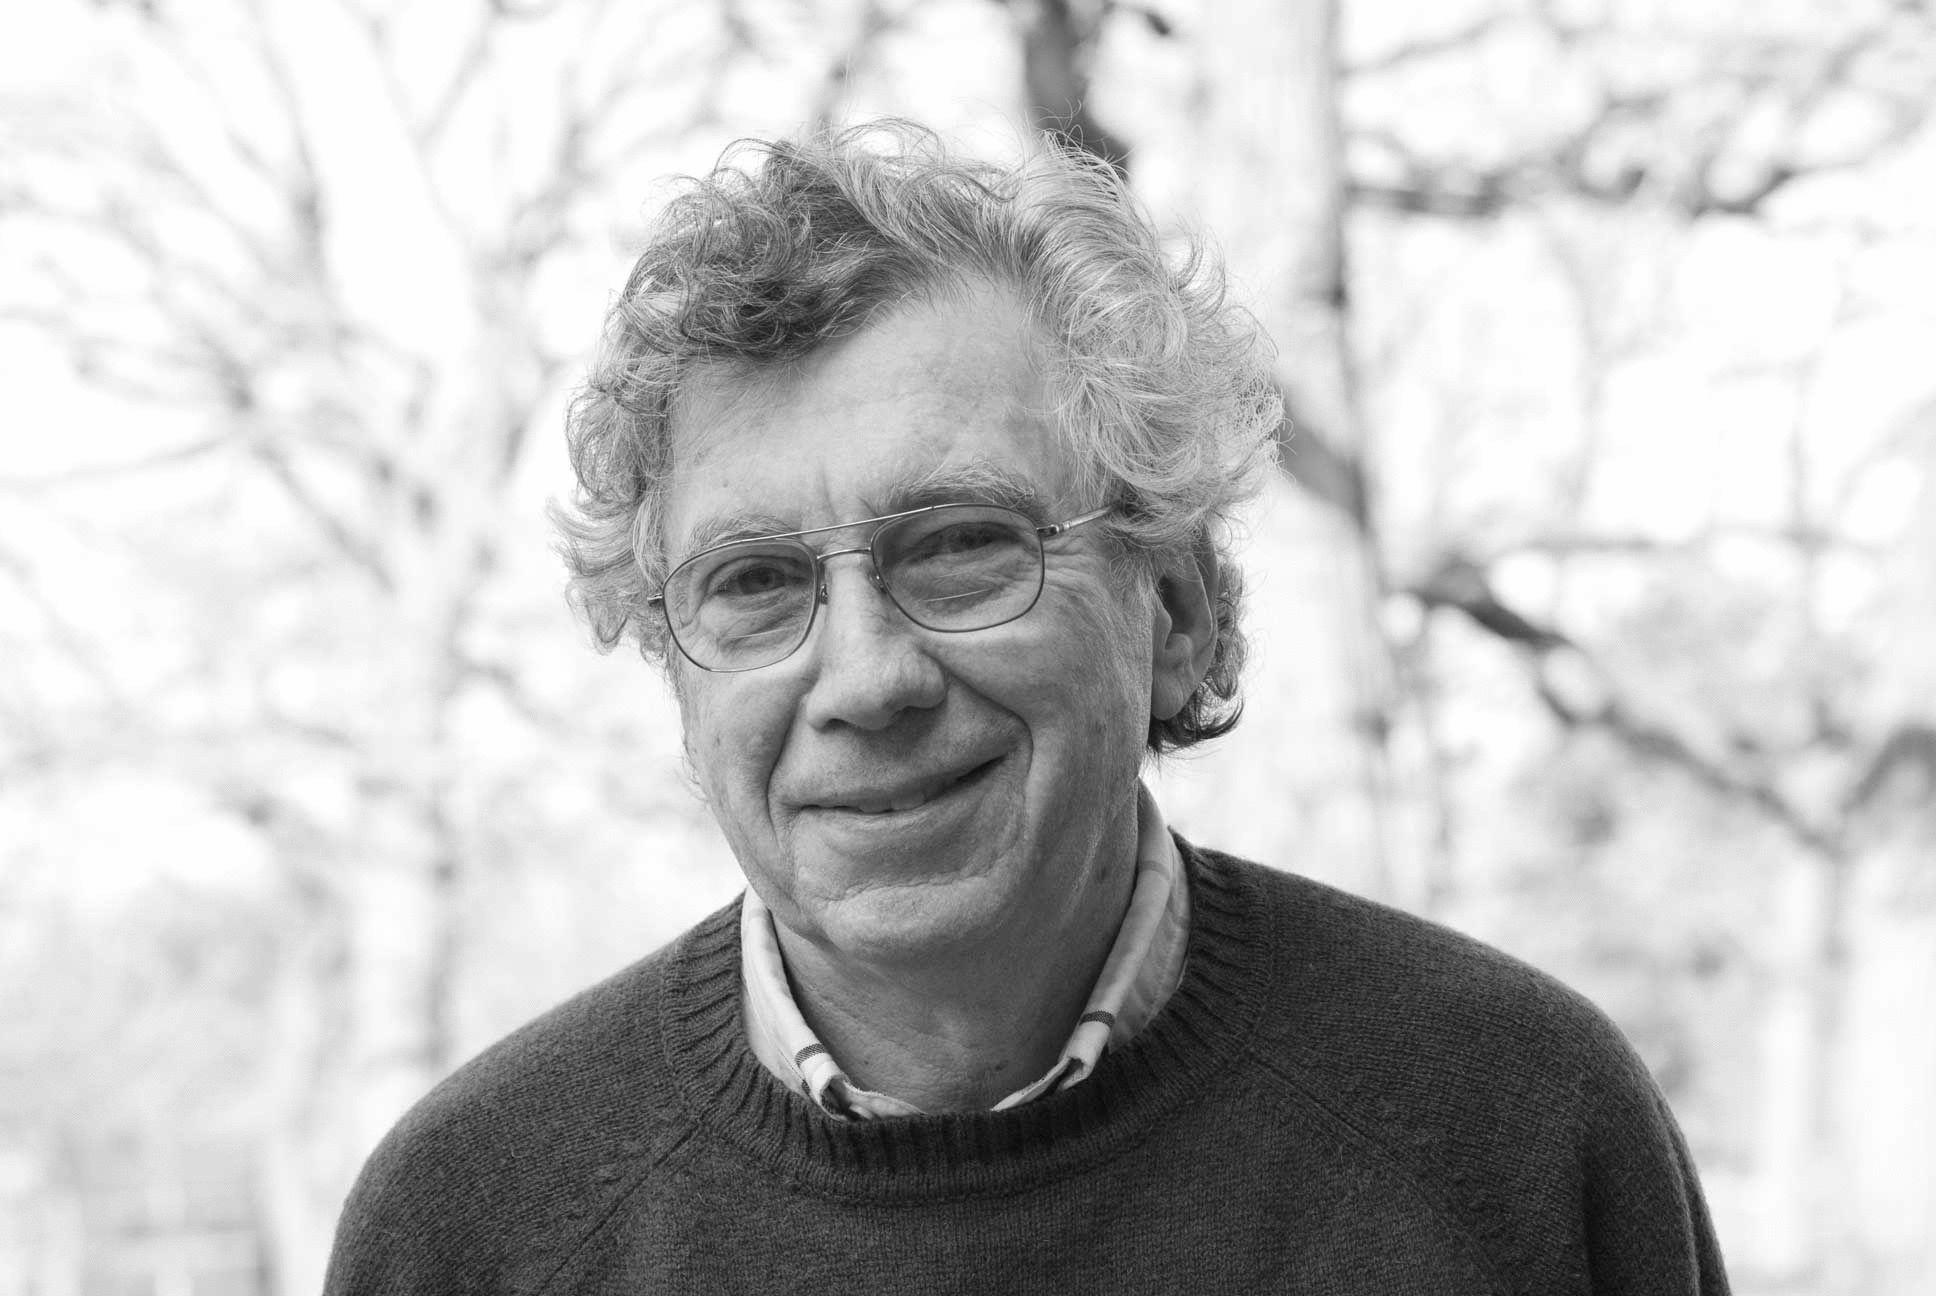 Paul C. Rosenblatt